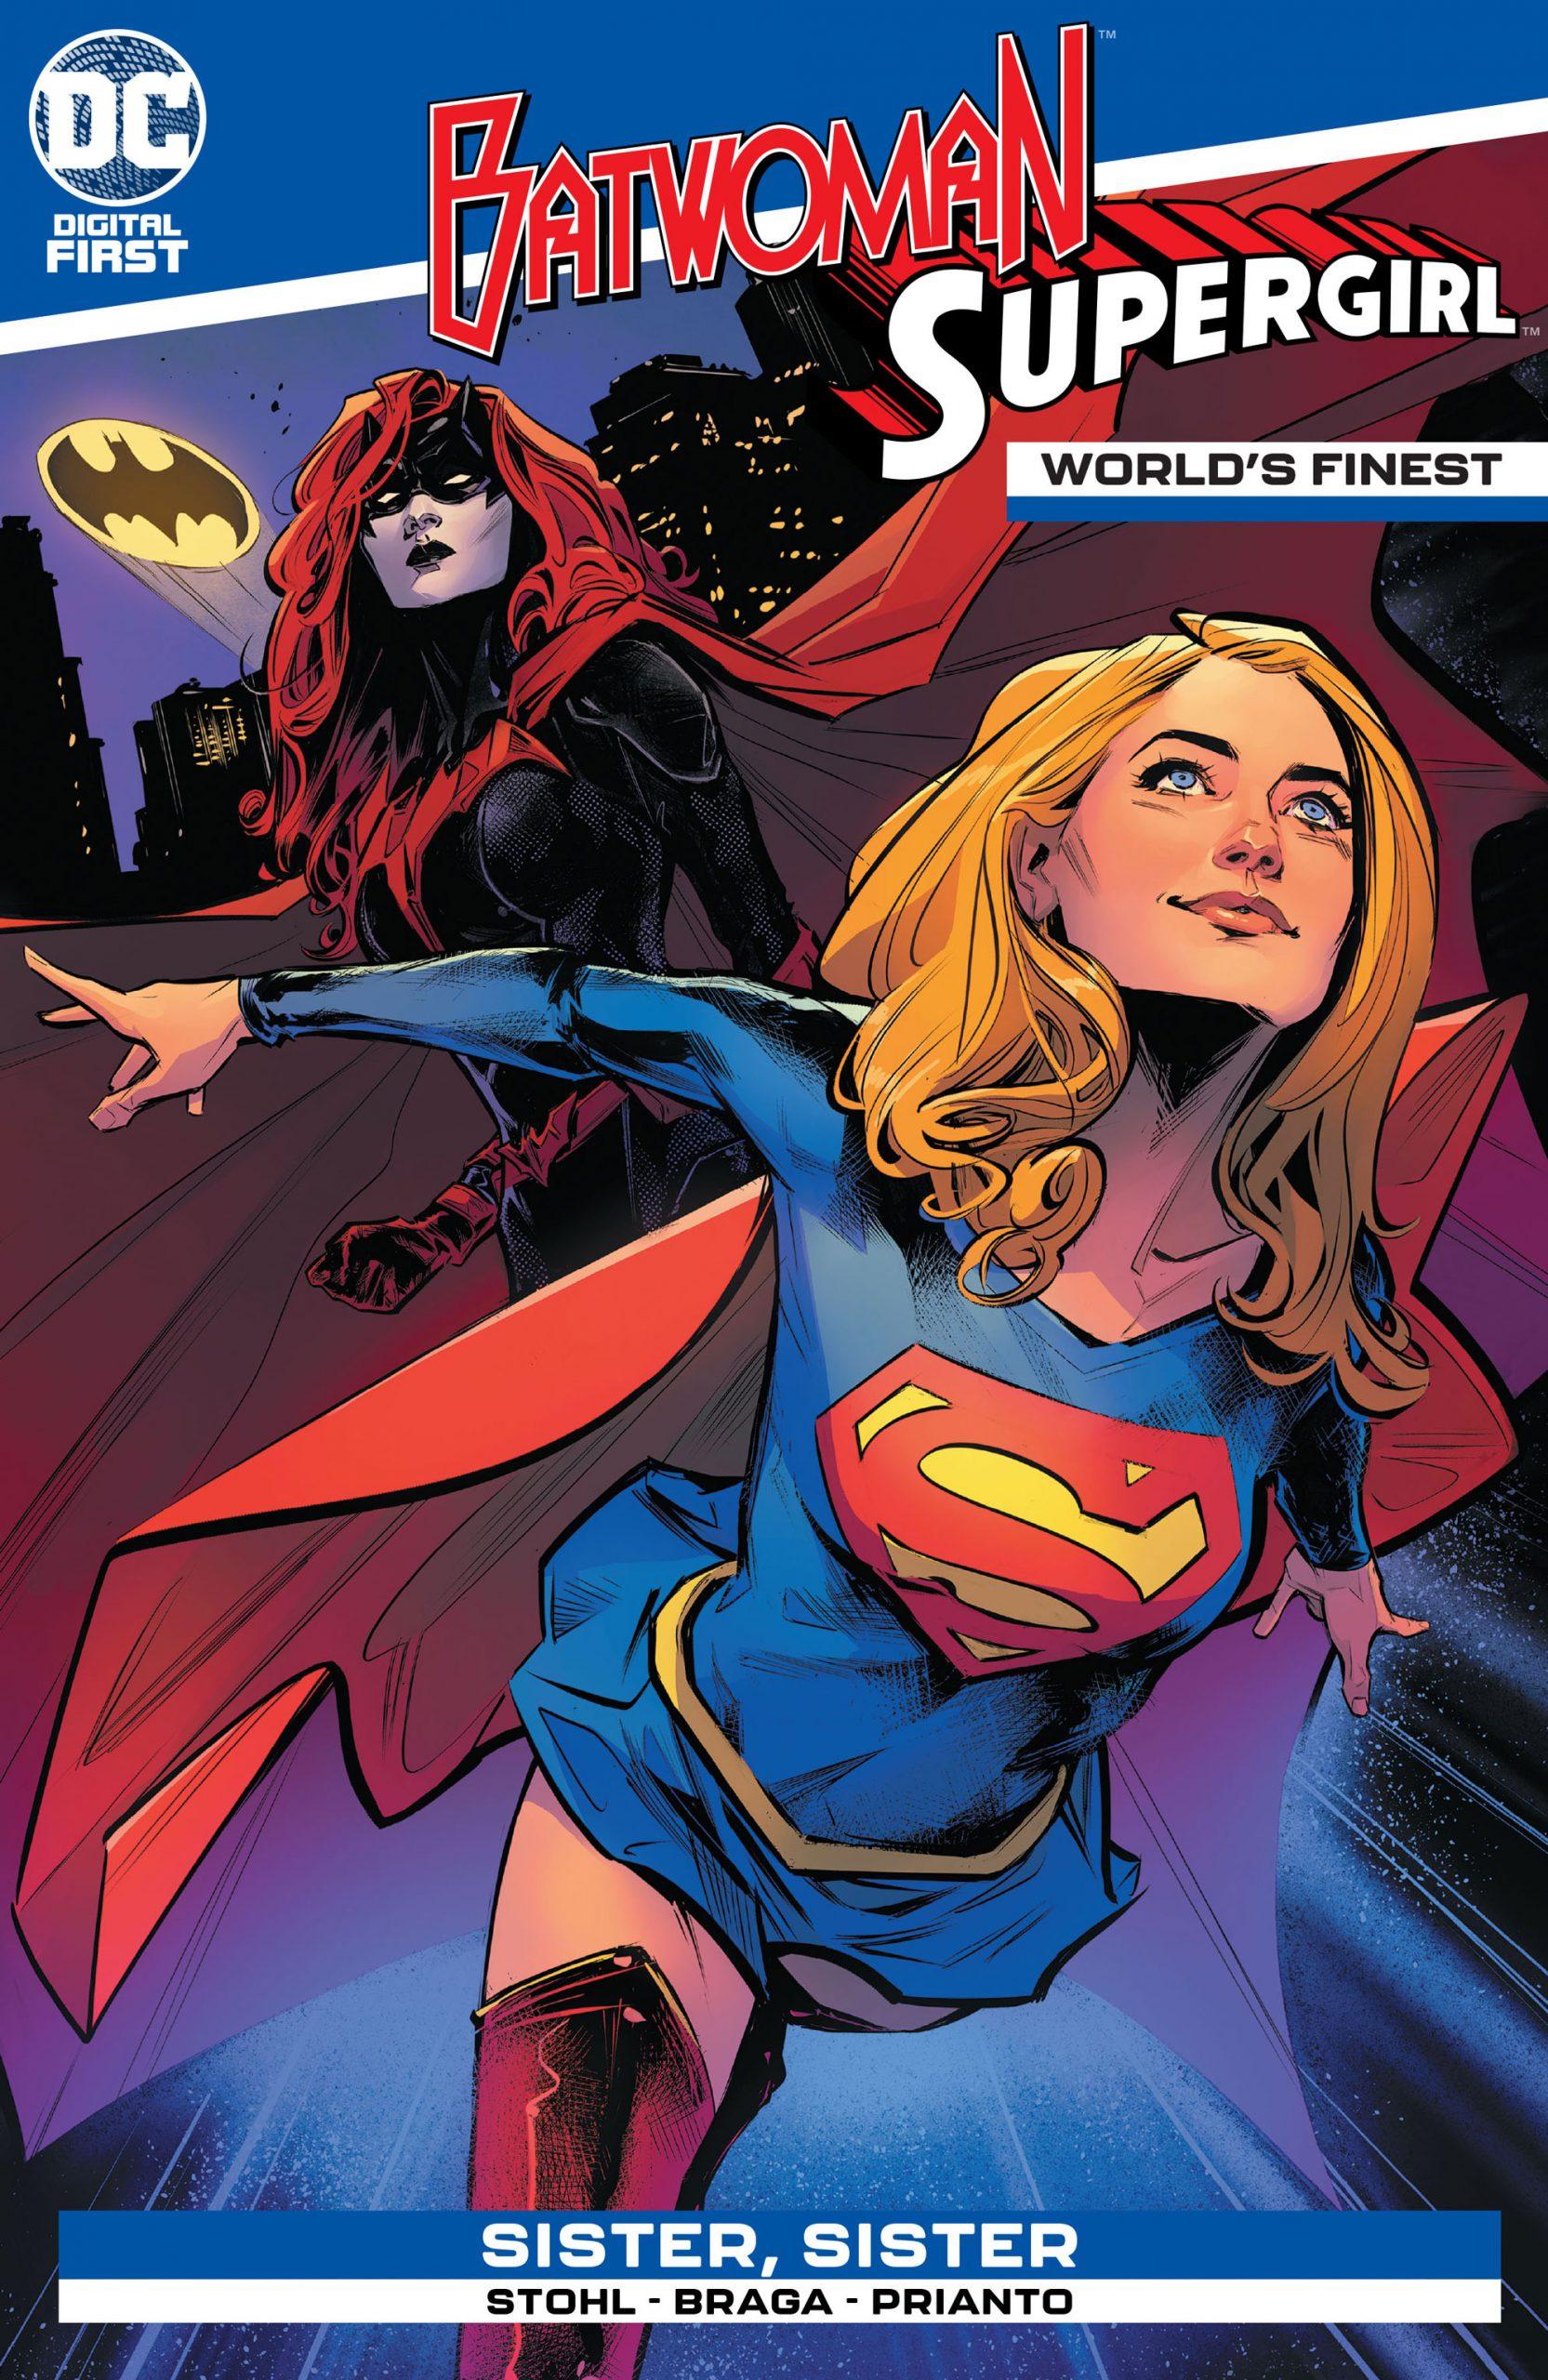 Season 2 Batwoman